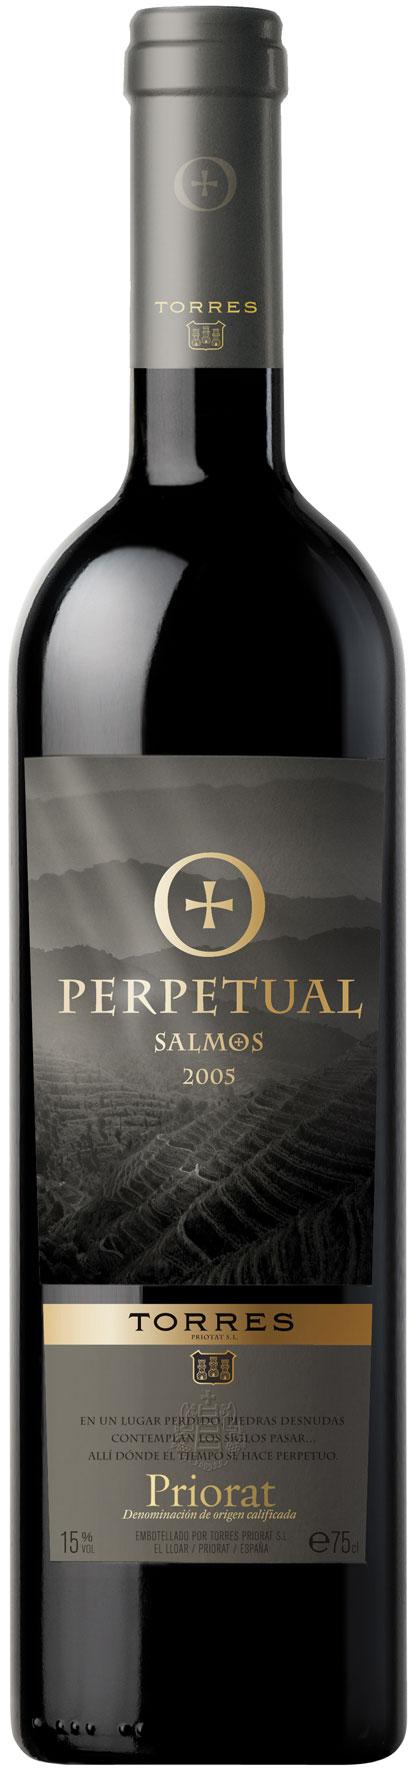 Torres Perpetual 2014